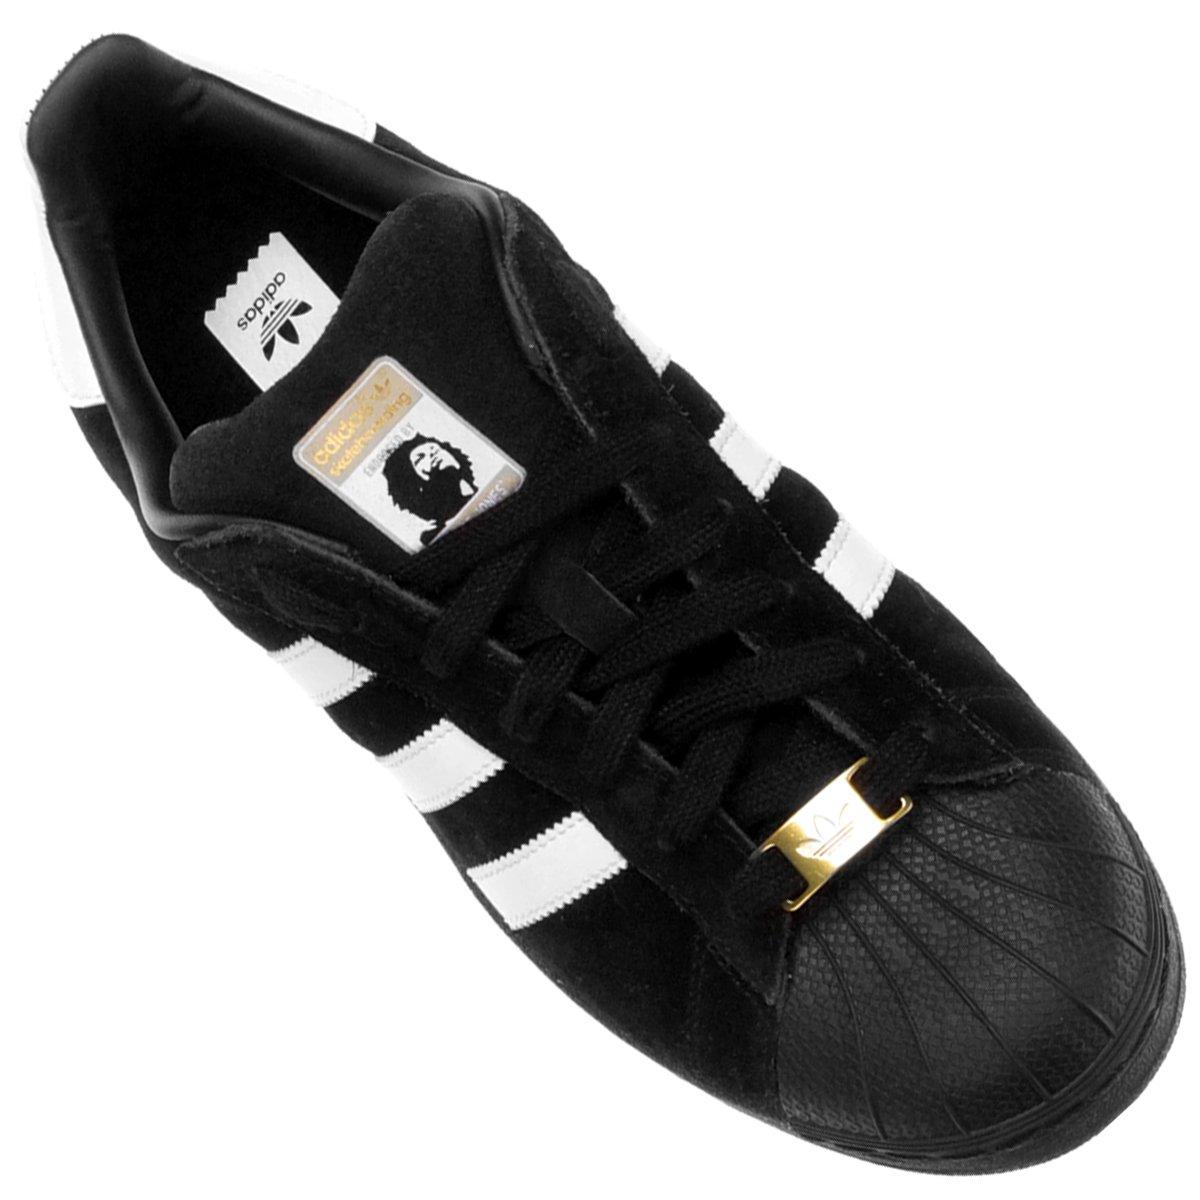 c0c4a43bf7 Tênis Adidas Ryr Drake Jones - Compre Agora